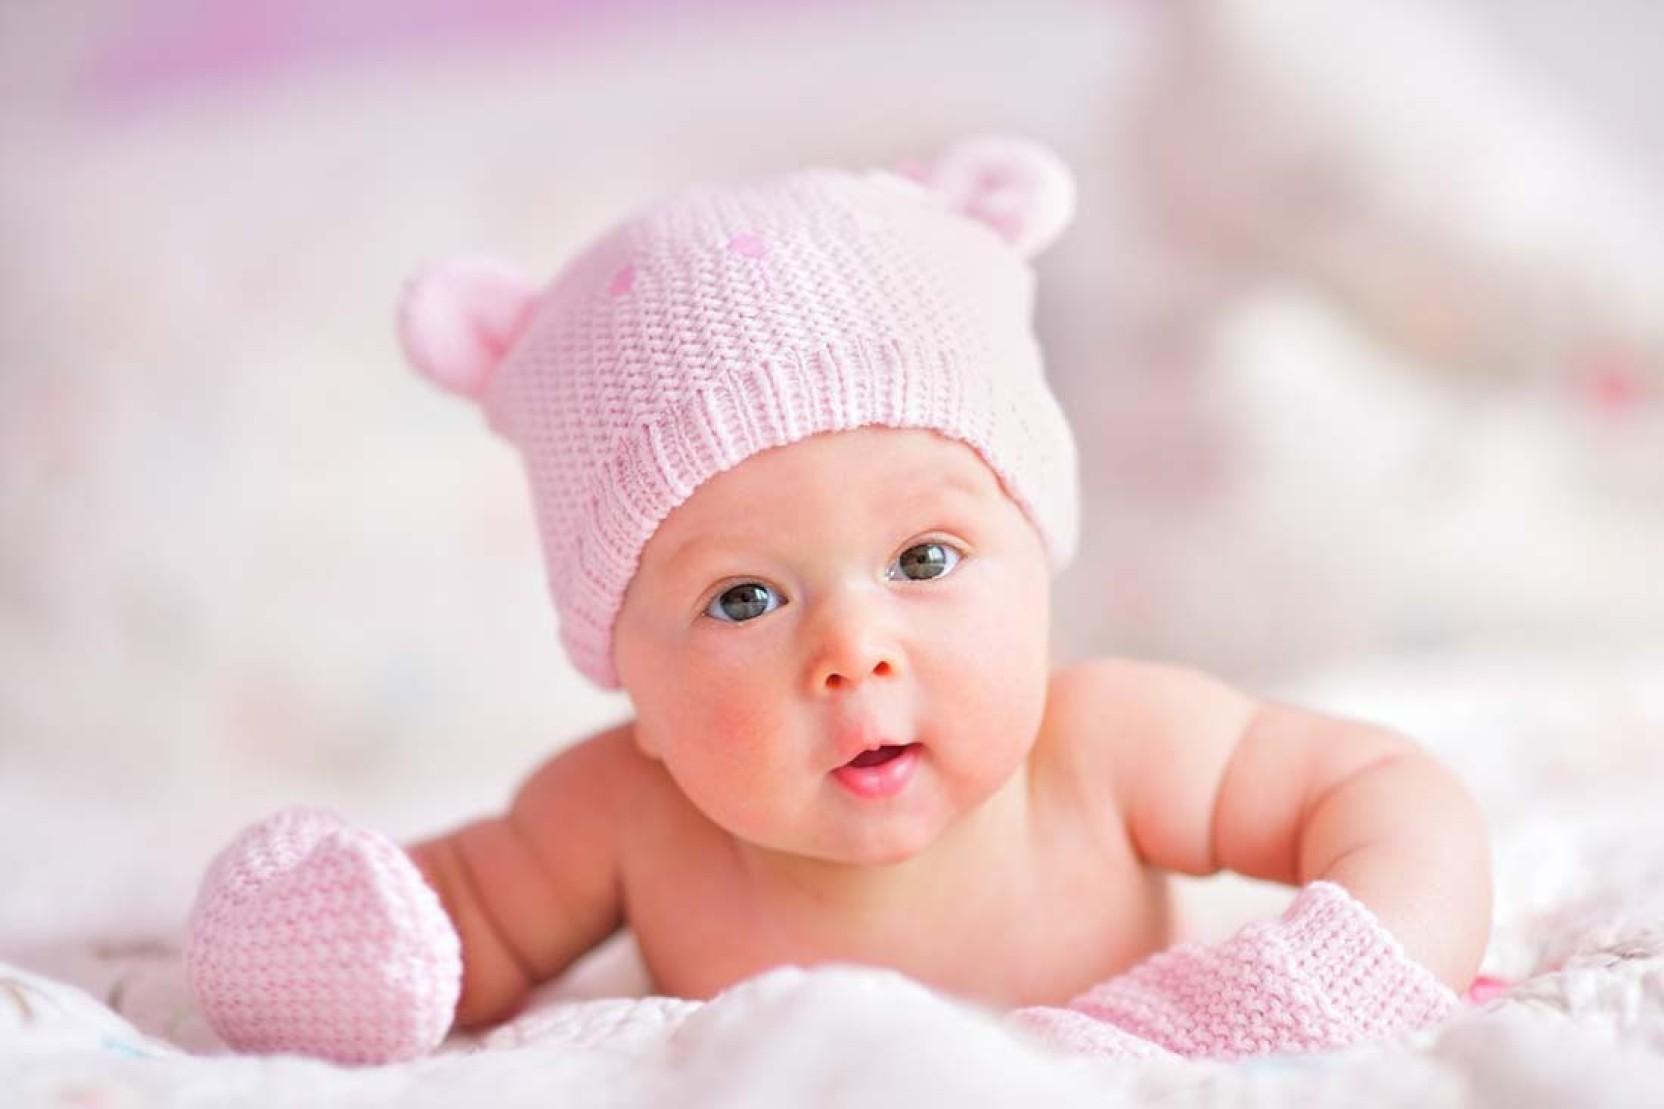 انخفاض الوزن عند الولادة يعرض طفلك لأمراض القلب